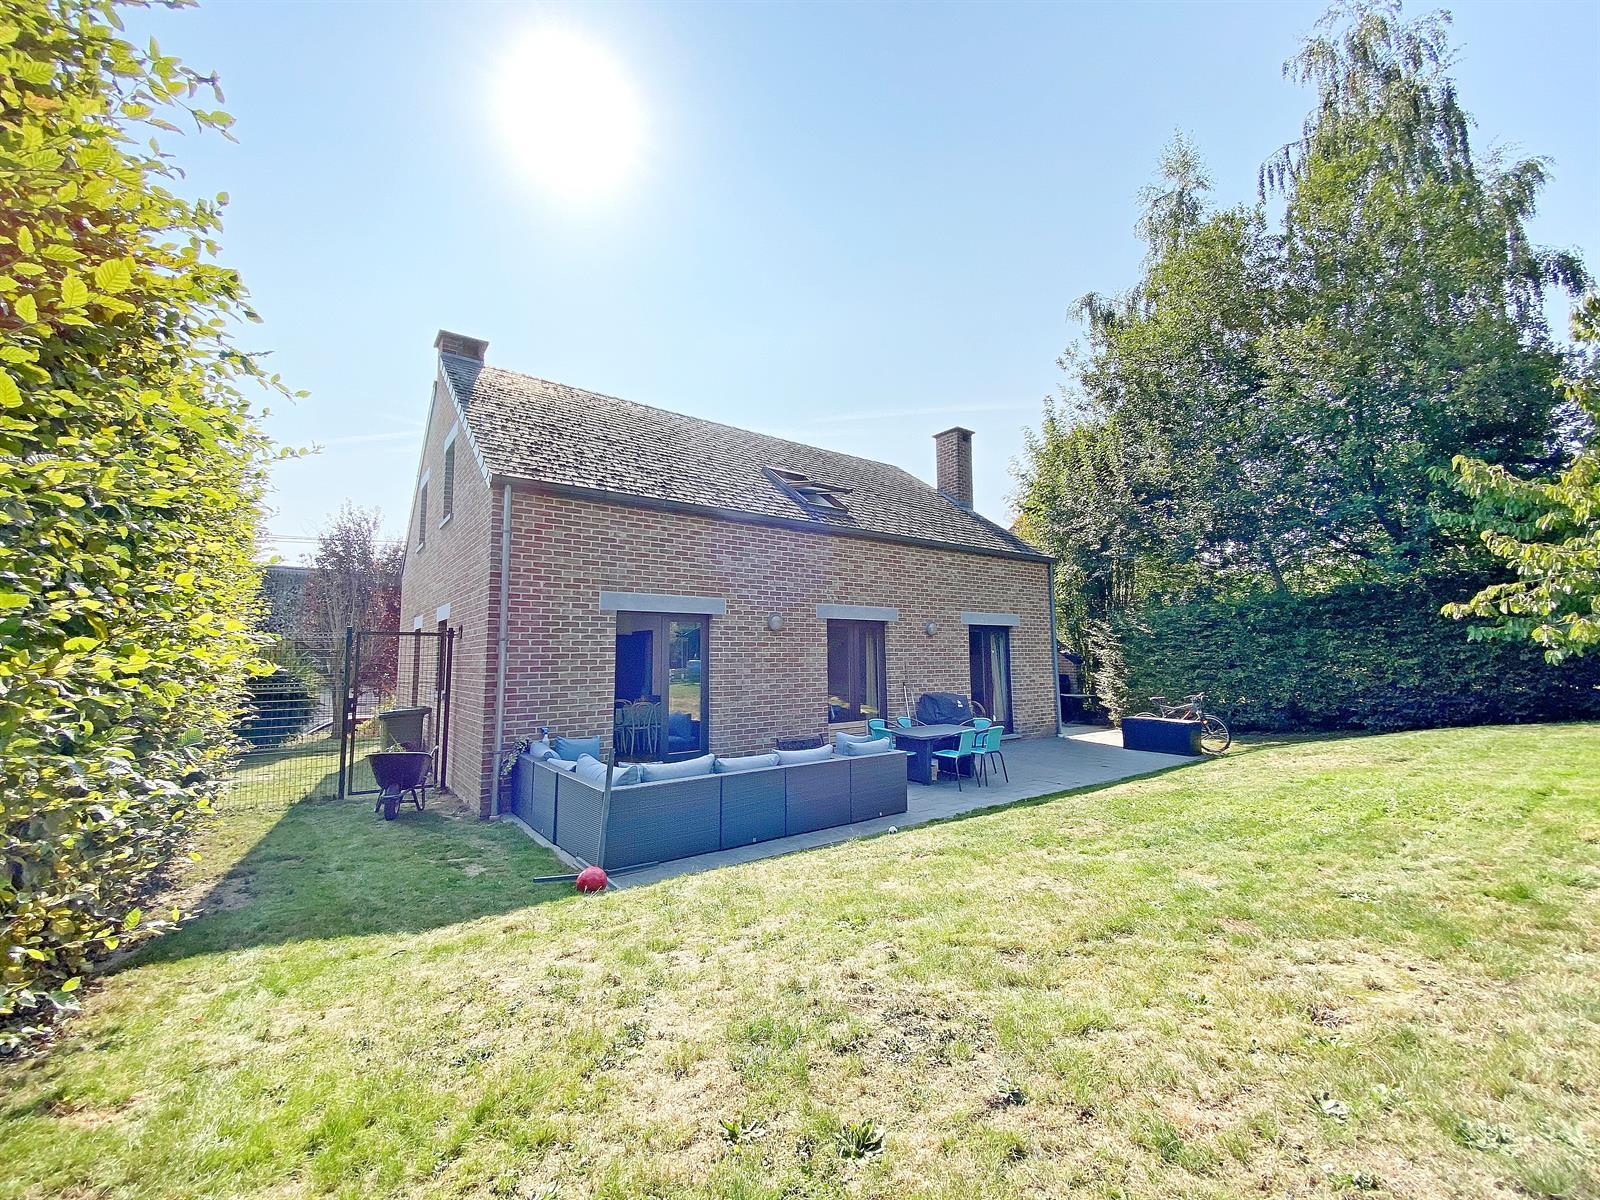 Maison - Aische-en-Refail - #4183531-3